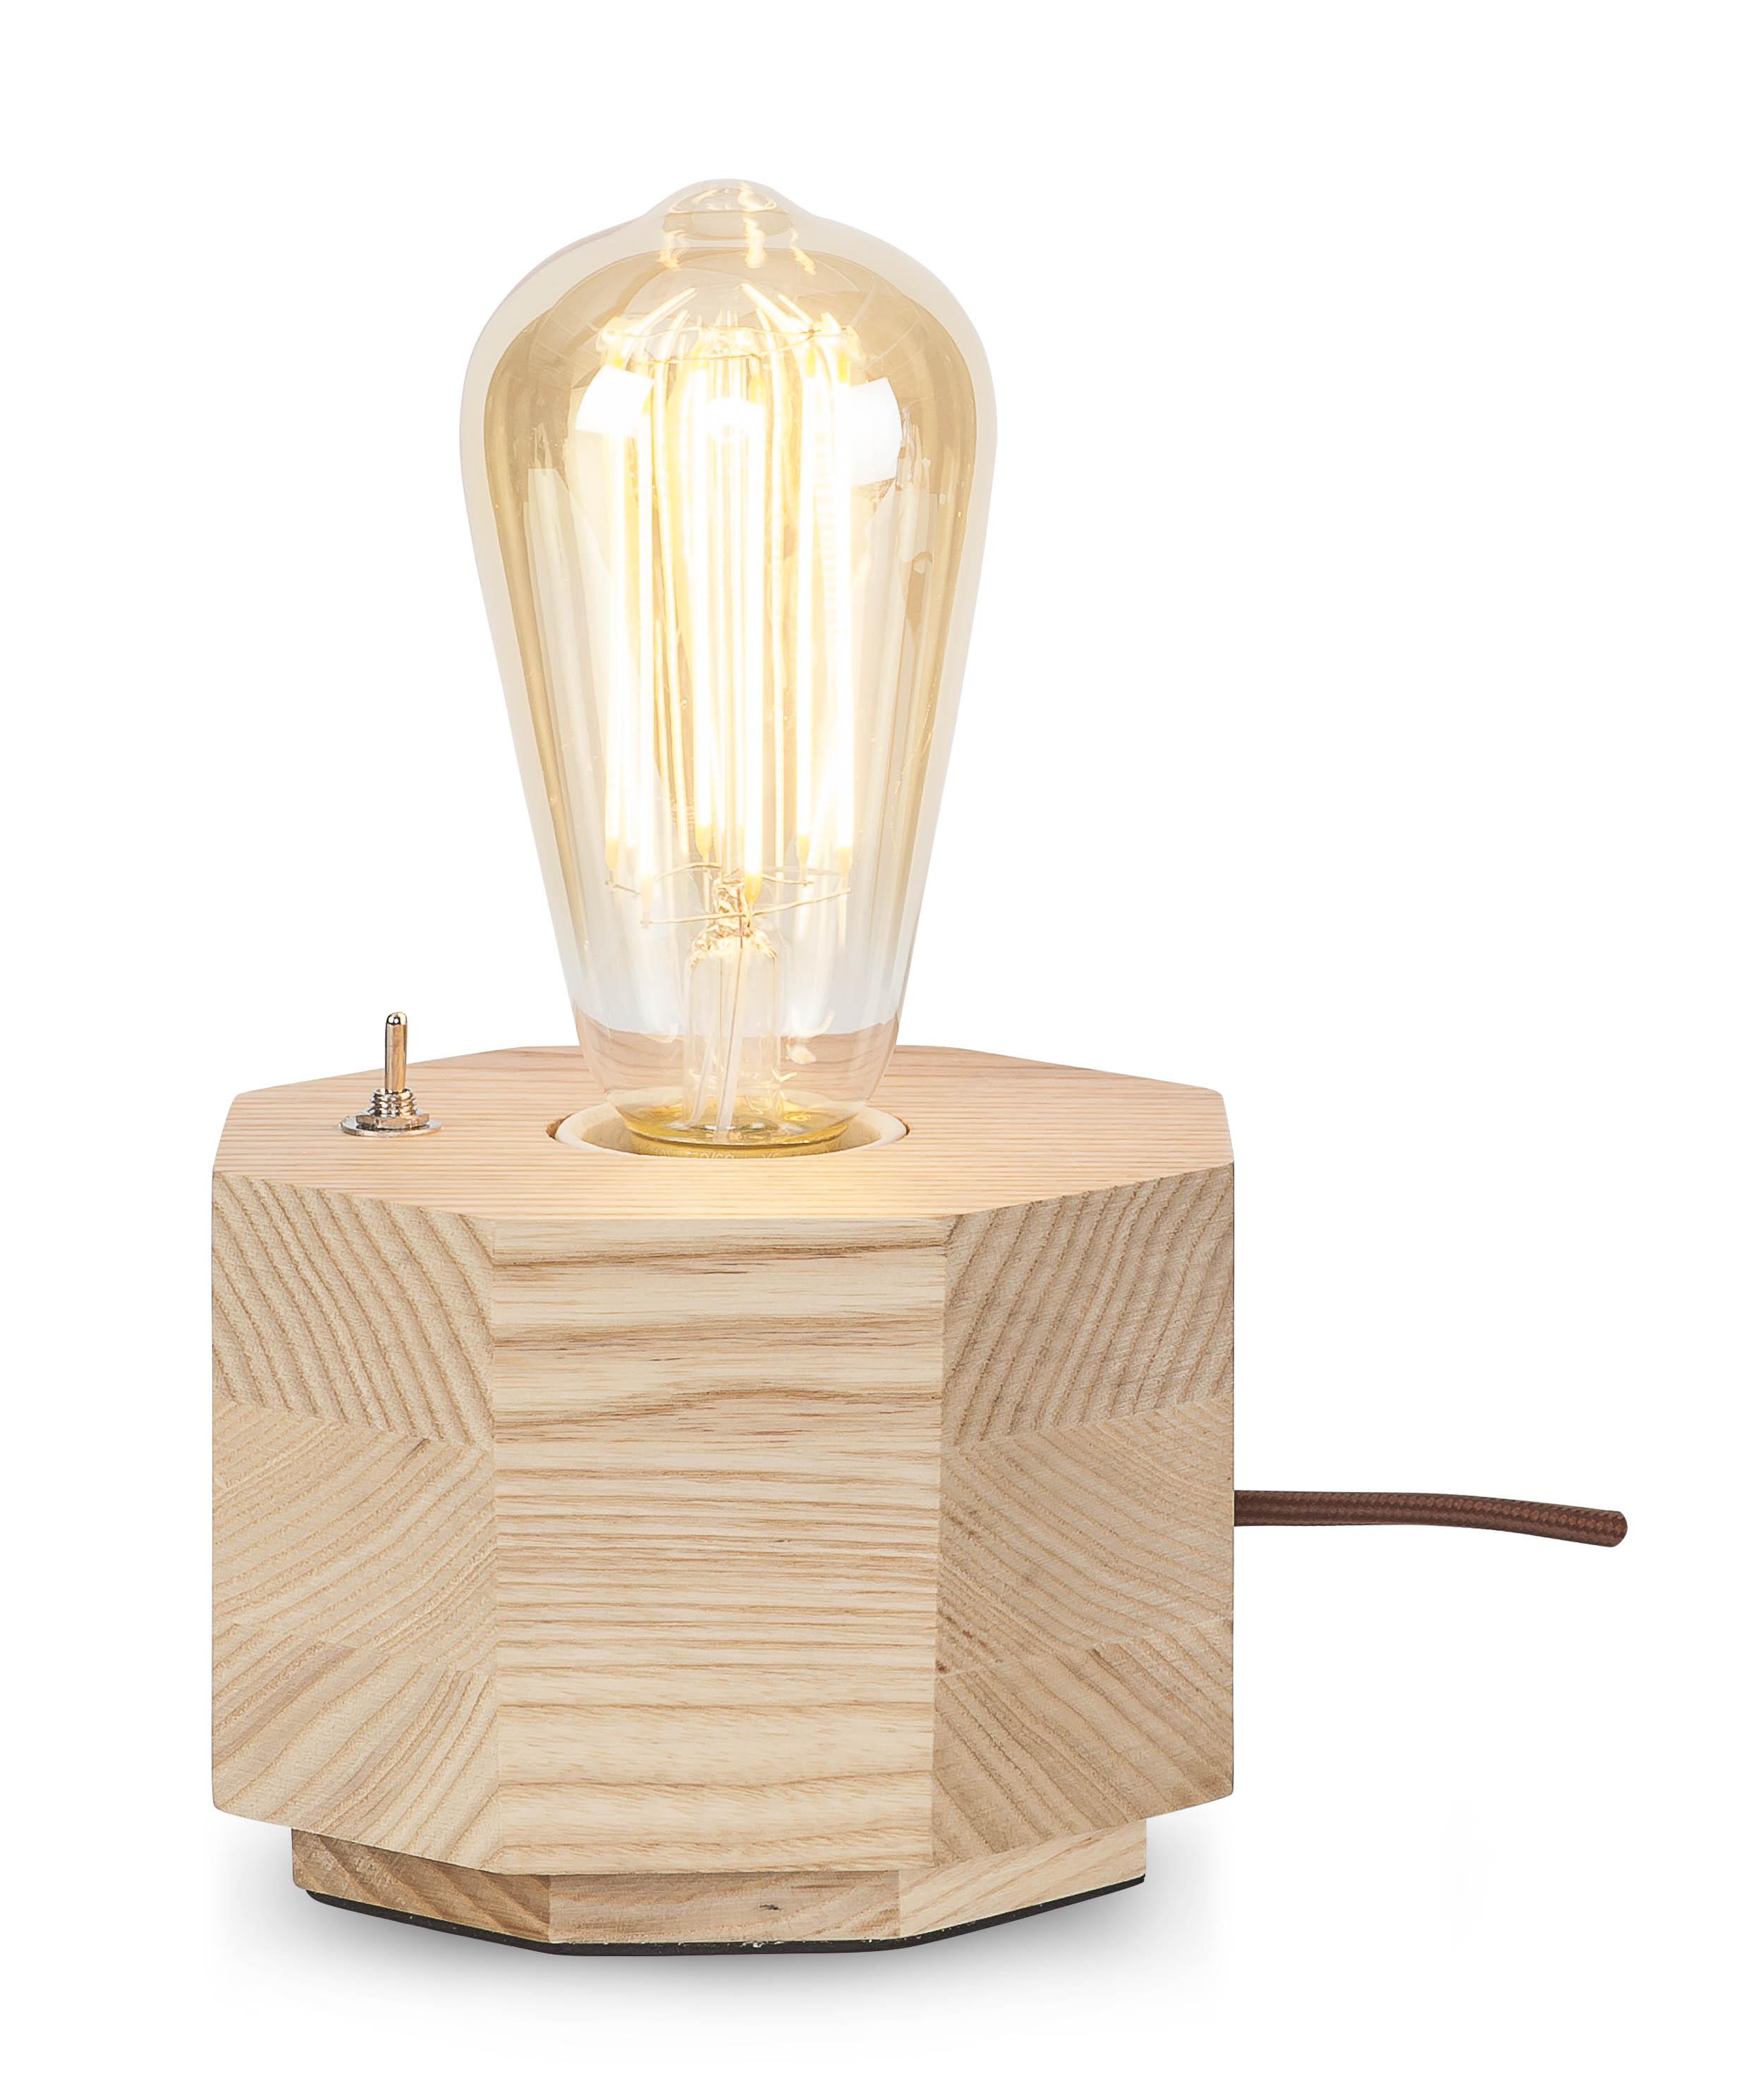 Lampe de table en bois L13cm